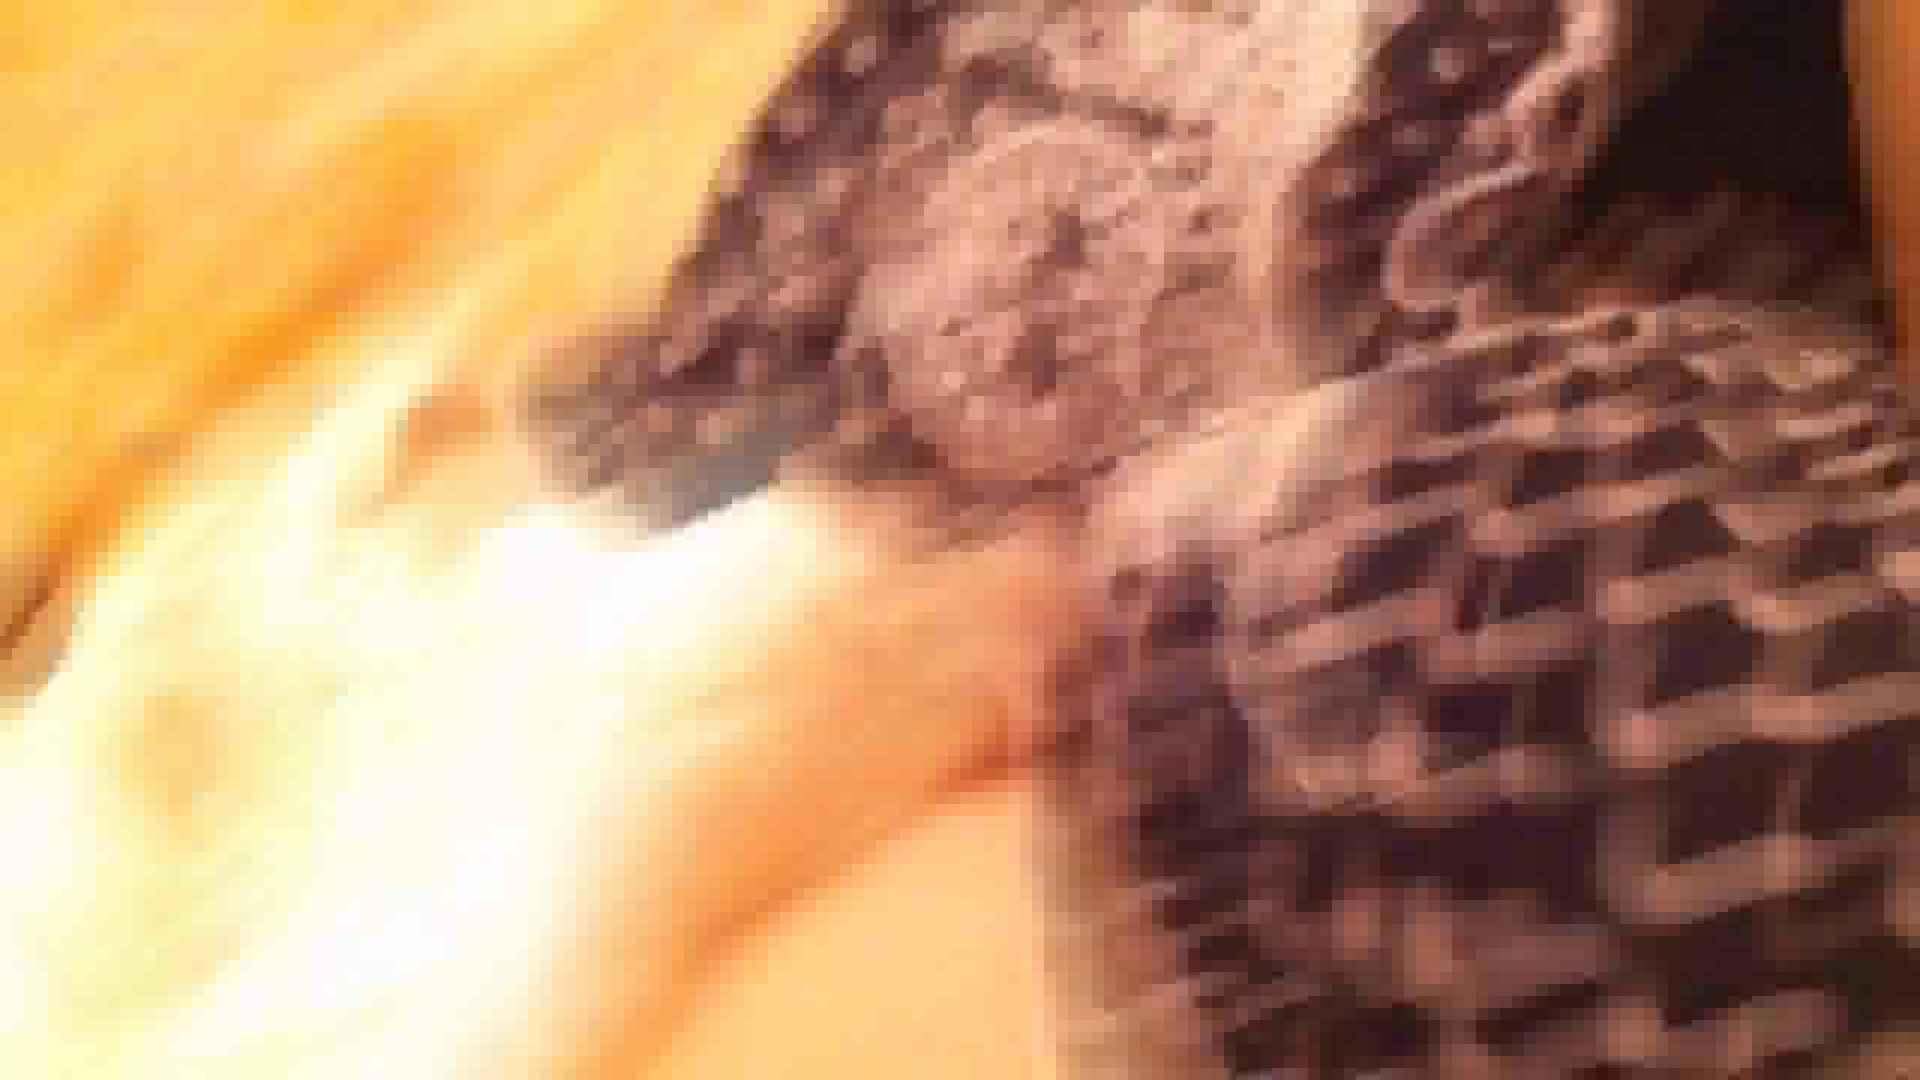 泥酔同級生セックスフレンドさゆりVol.1 セックス流出映像 アダルト動画キャプチャ 89連発 12